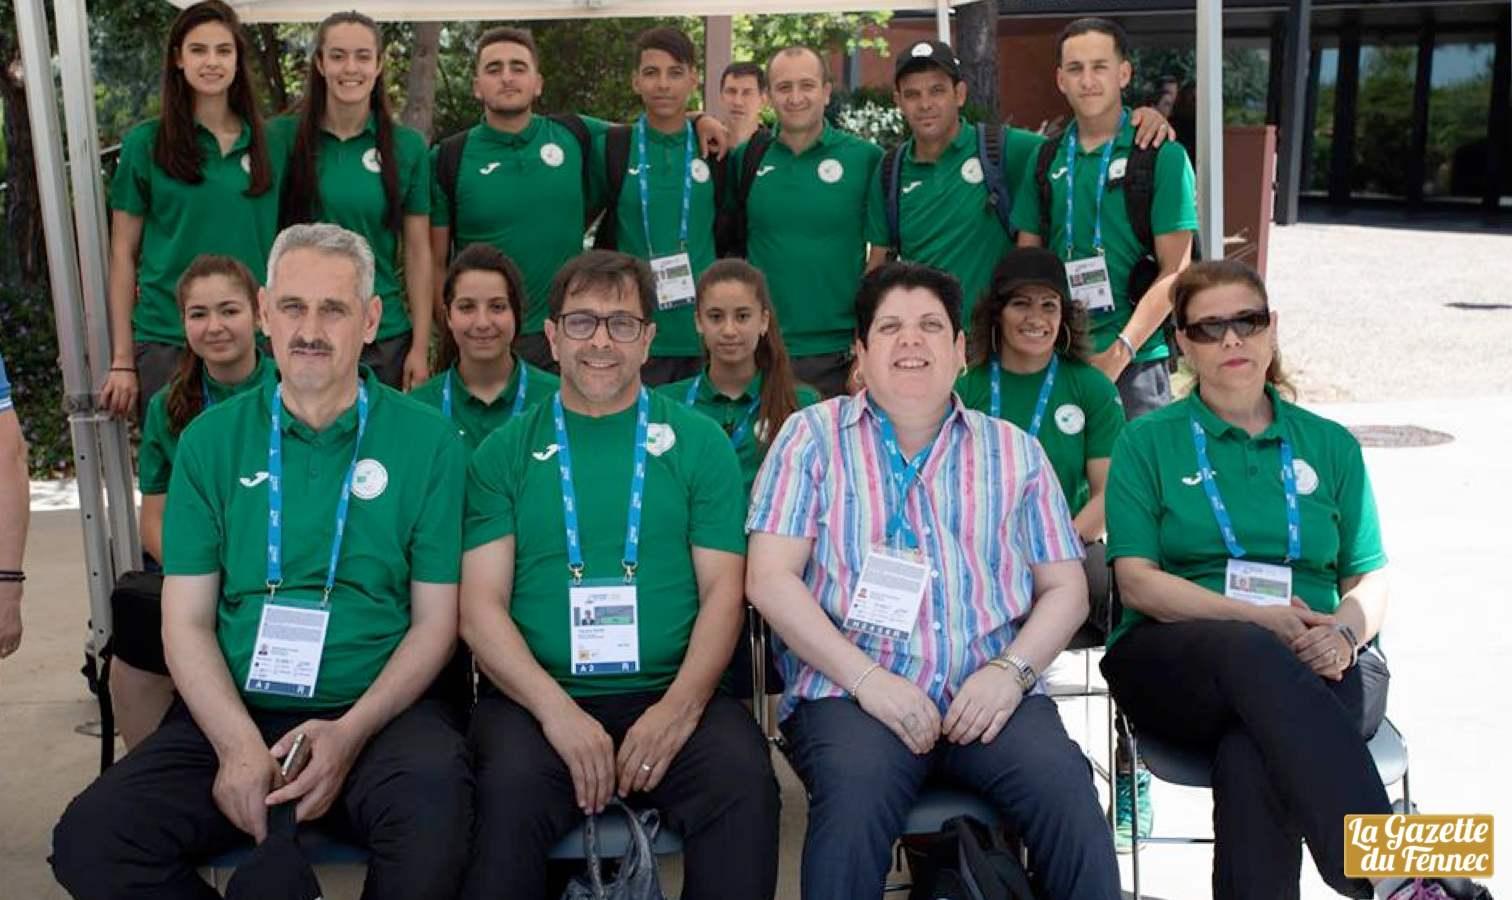 delegation boulmerka tarragone 2018